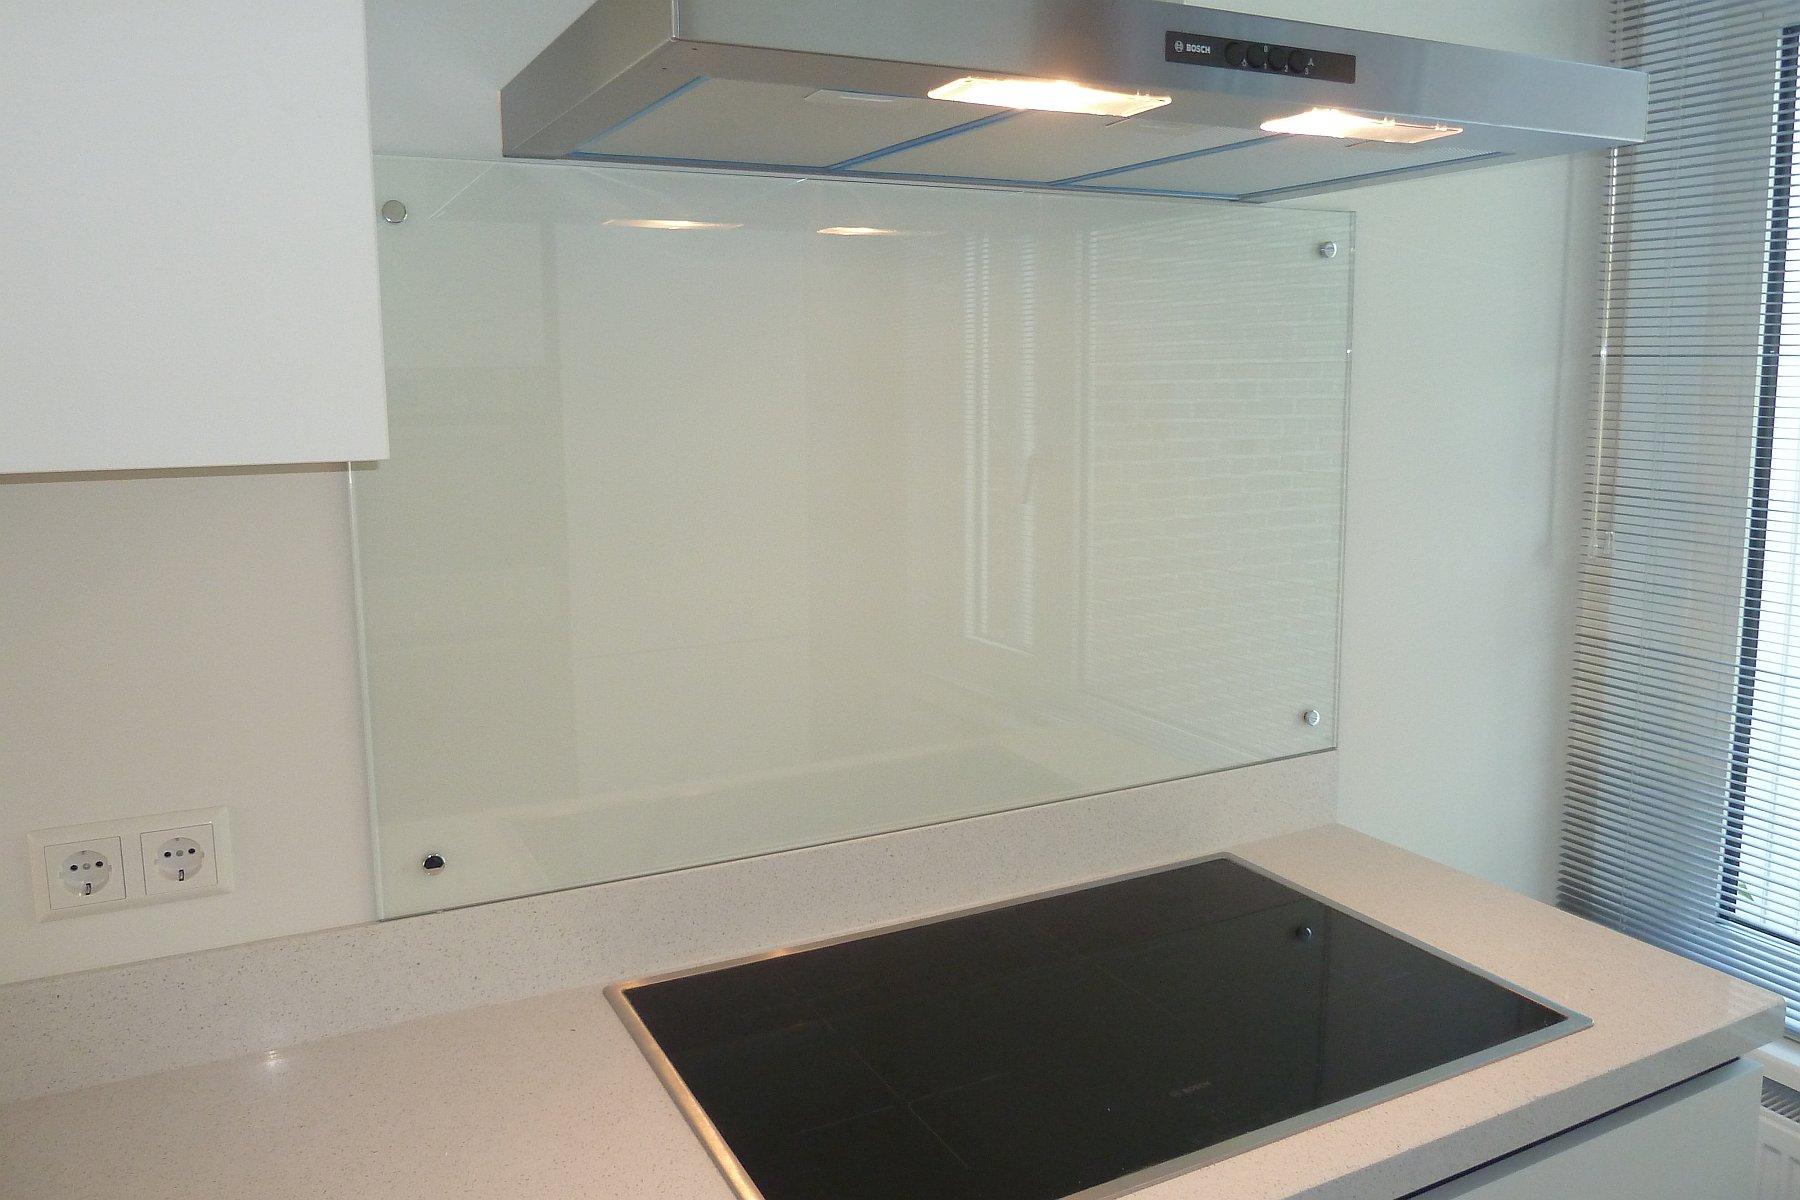 Keuken Laten Plaatsen : Glazen spatwand plaatsen in keuken den haag